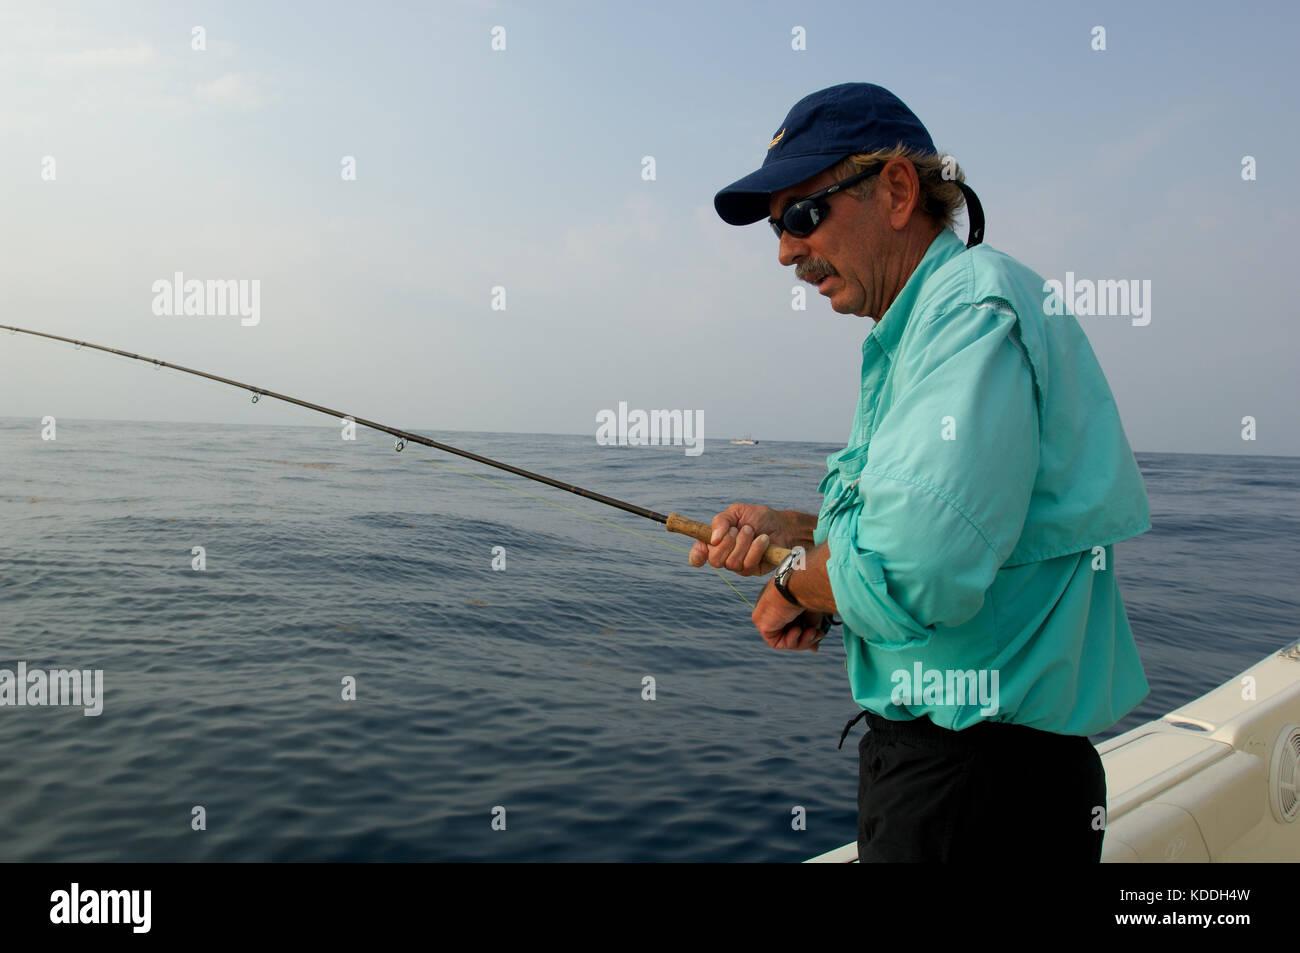 Deep sea angler fish stock photos deep sea angler fish for Offshore fishing texas